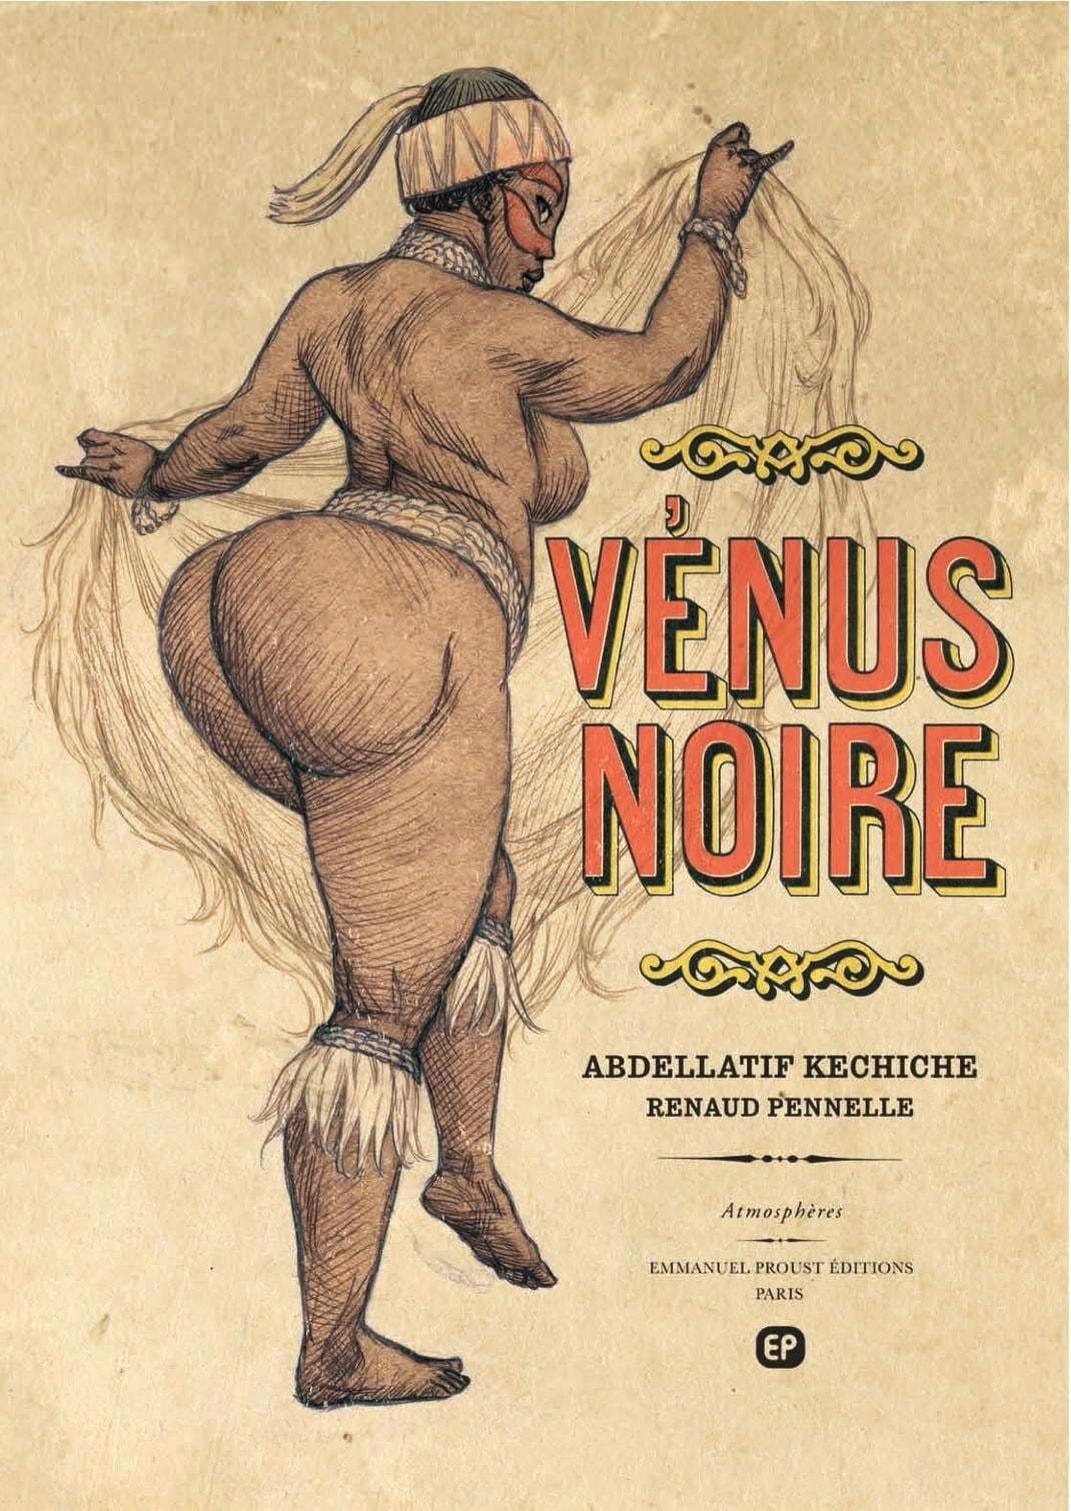 Venus Noire poster